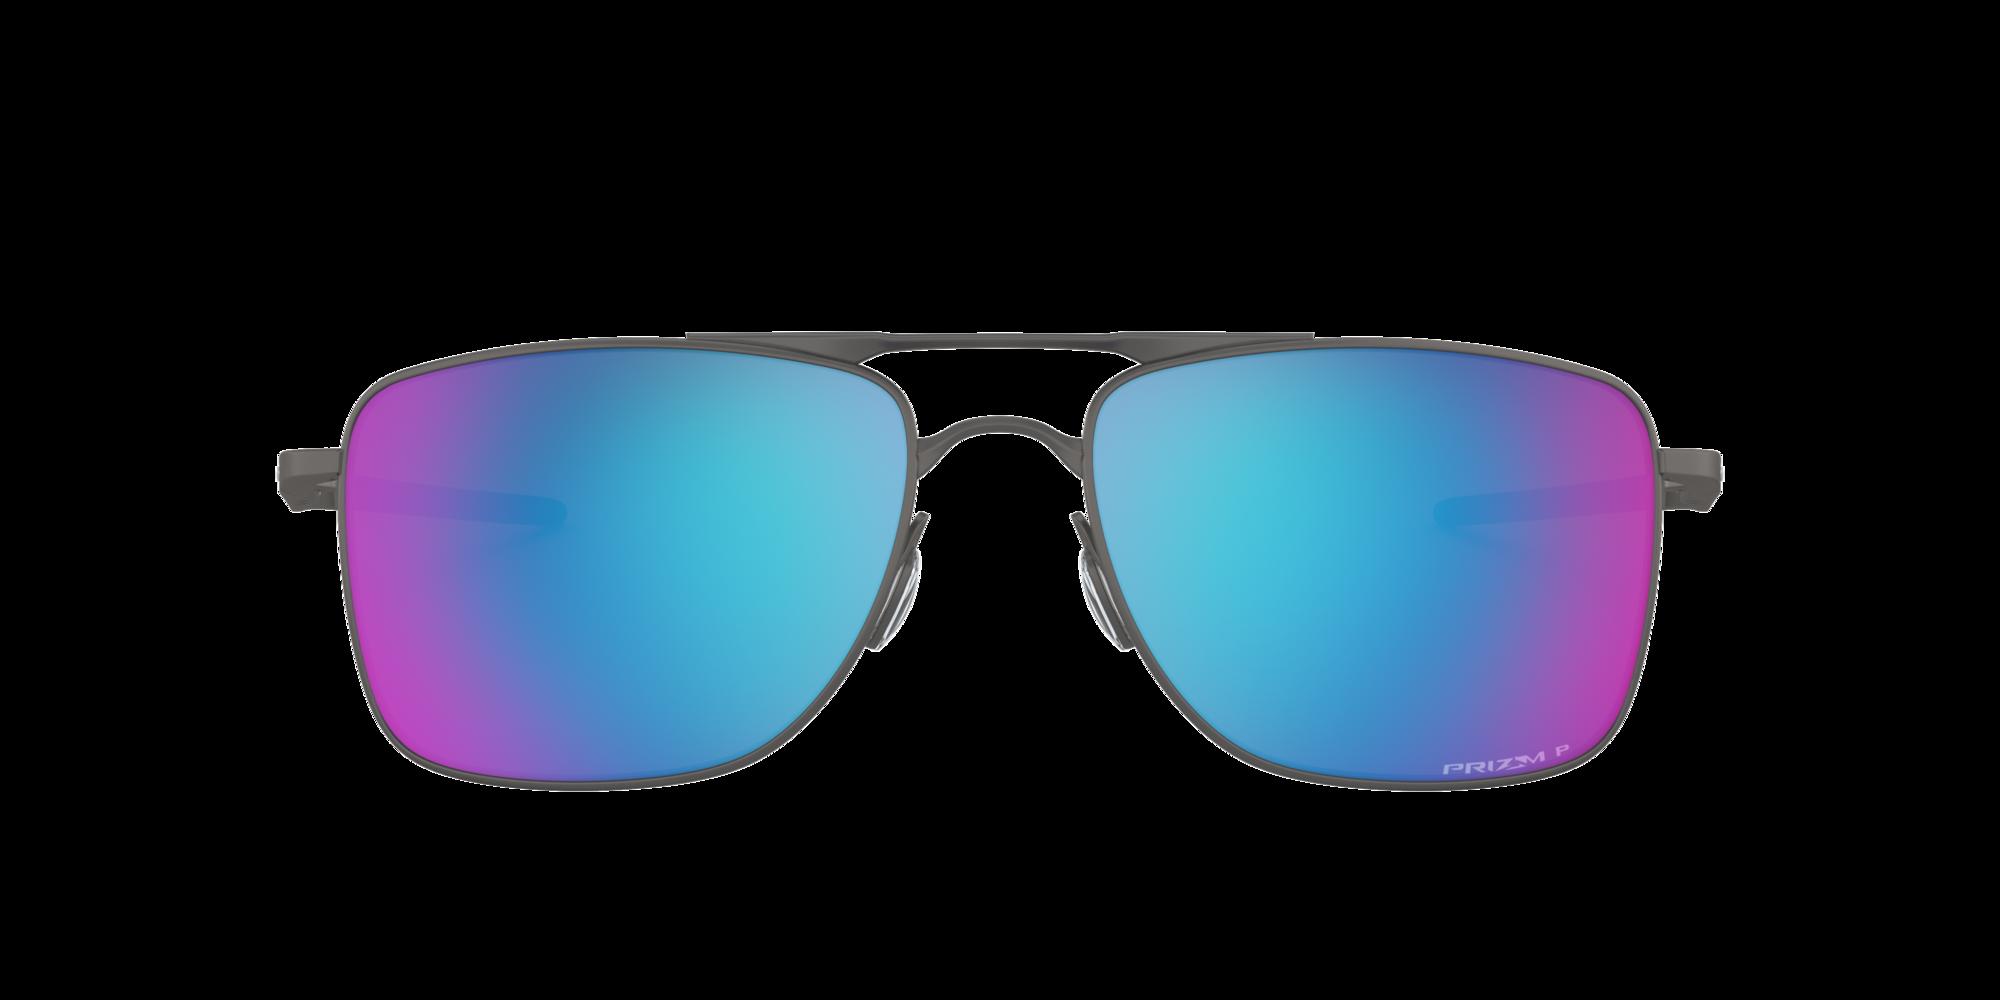 Imagen para OO4124 62 Gauge 8 de LensCrafters |  Espejuelos, espejuelos graduados en línea, gafas